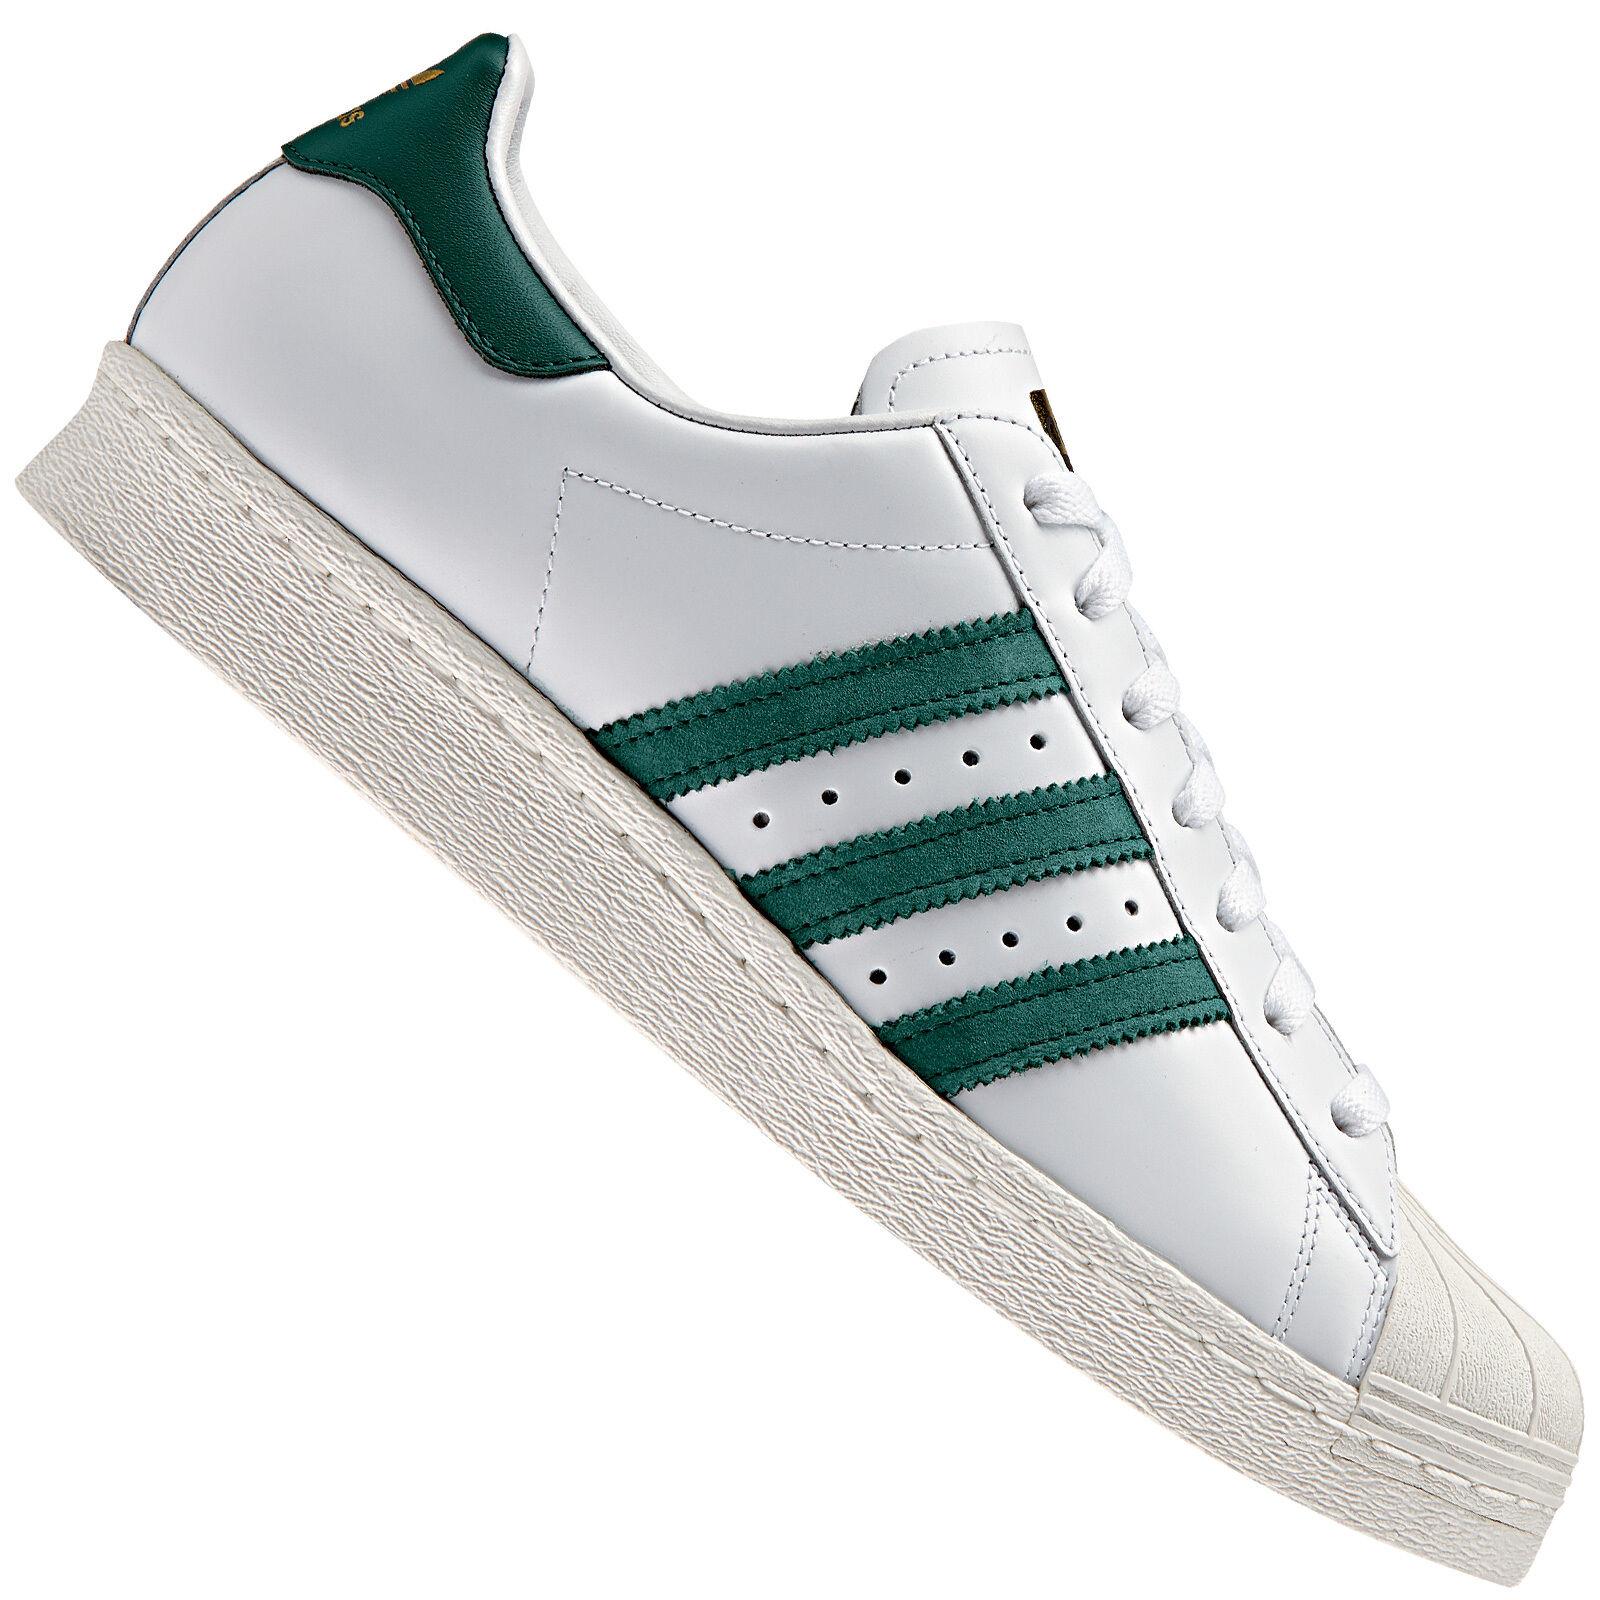 Adidas Originals Superstar Weiß/Grün 80s Damen-Sneaker Gum Outsole Weiß/Grün Superstar BB2230 Schuhe 79e282